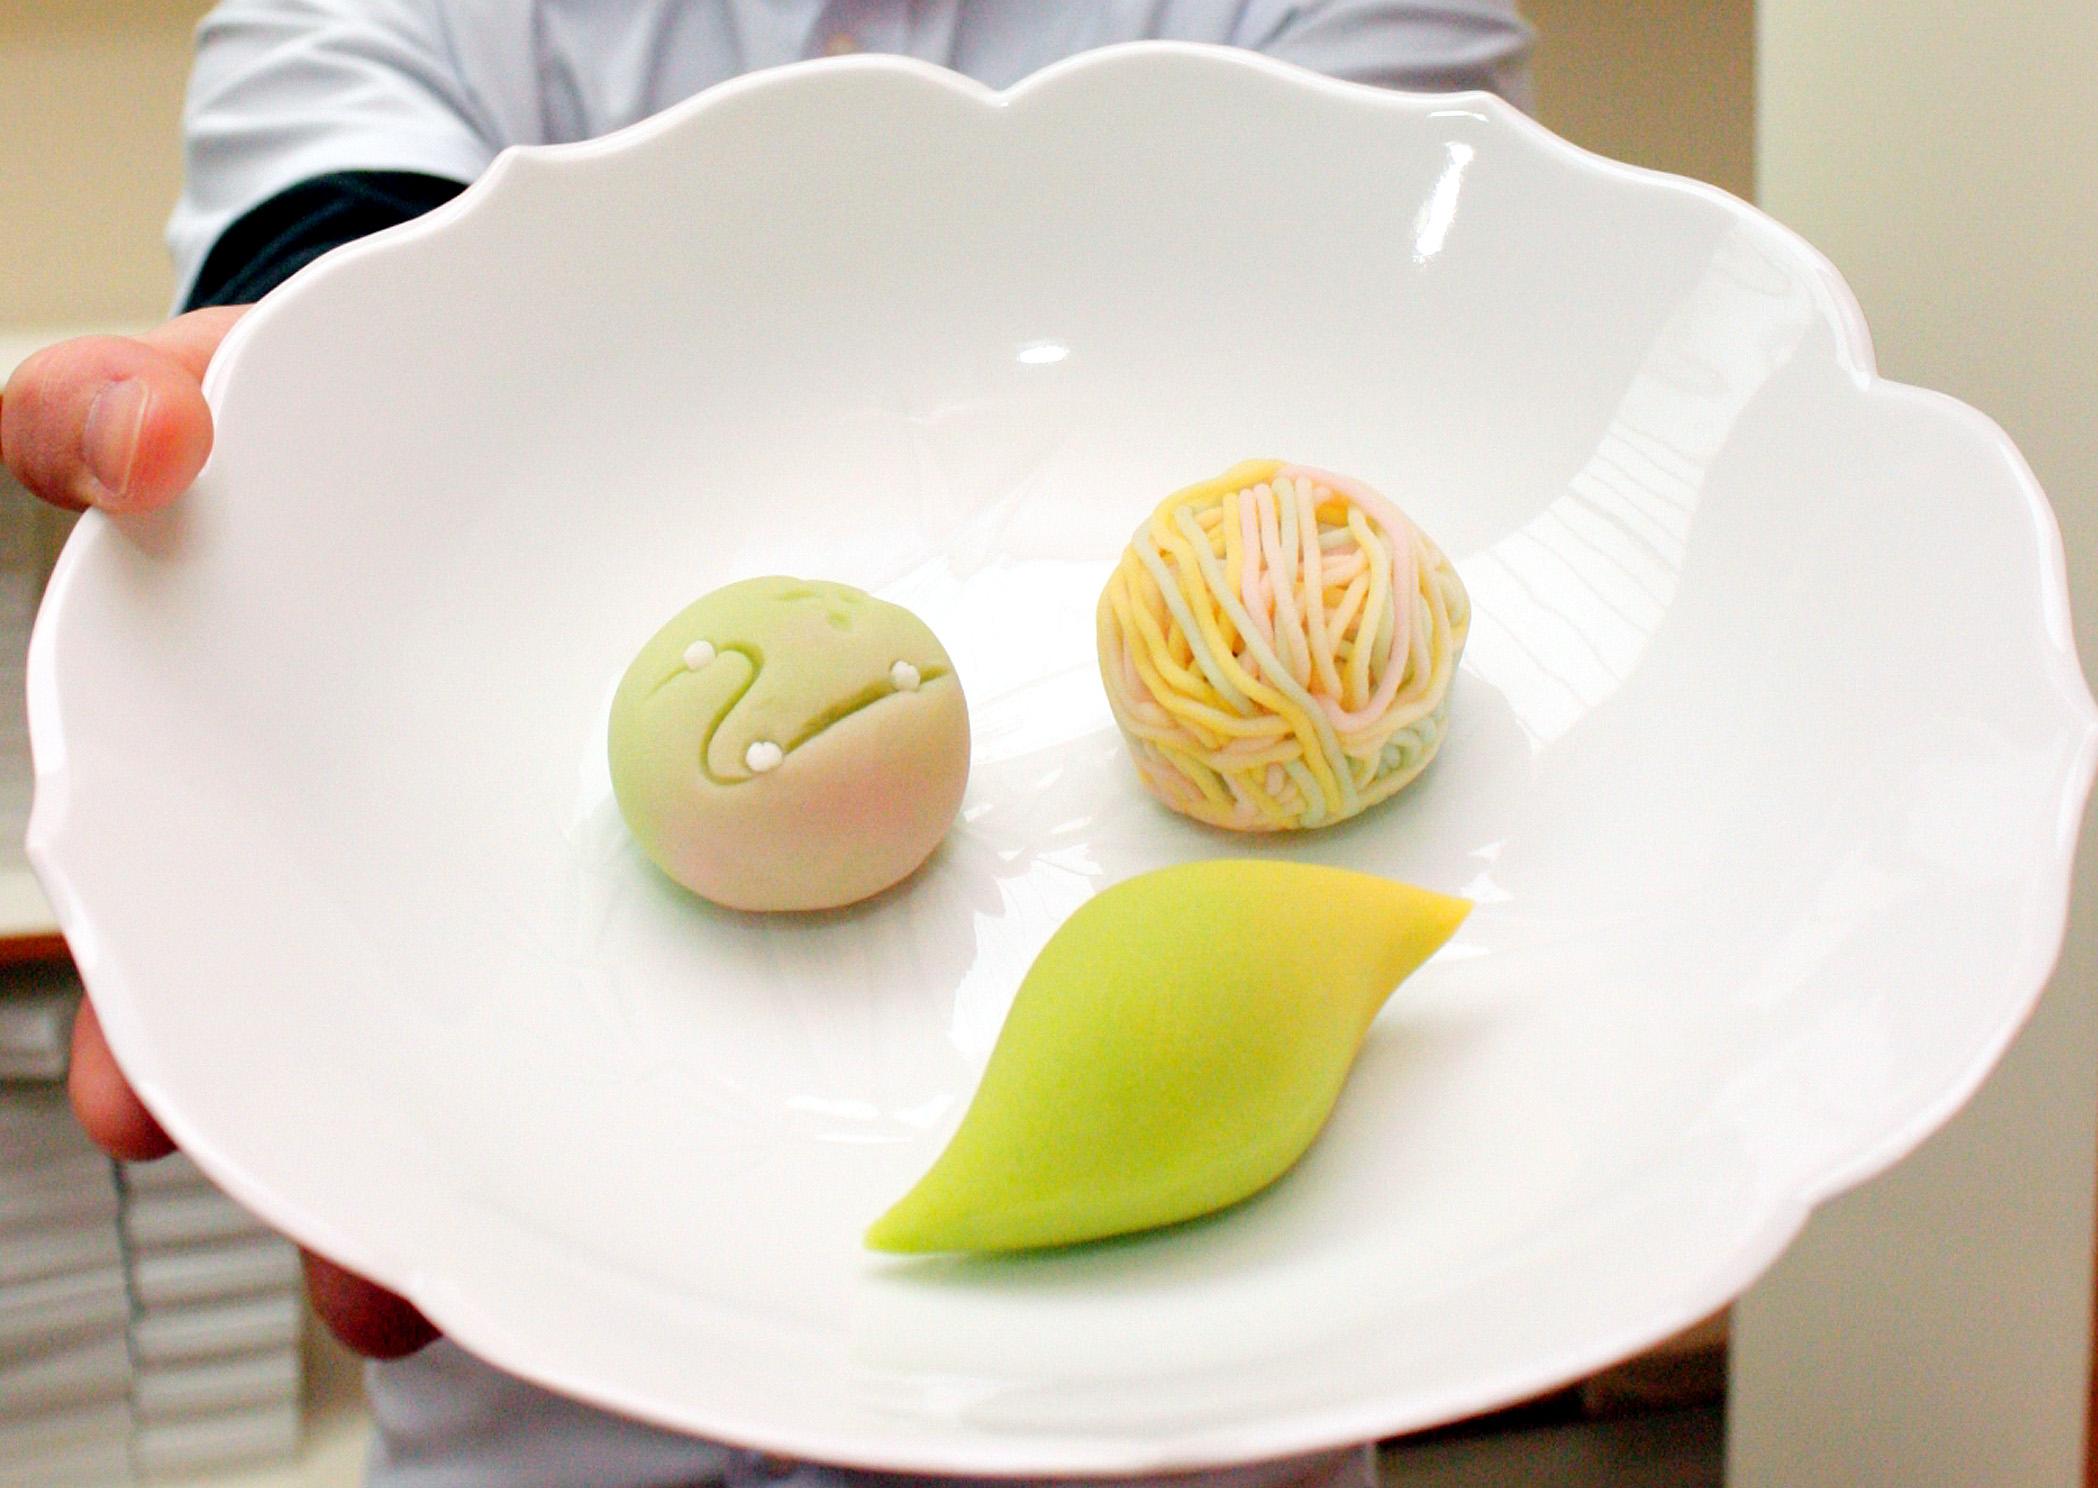 茶席で提供される特製和菓子の試作品=金沢市内の和菓子店